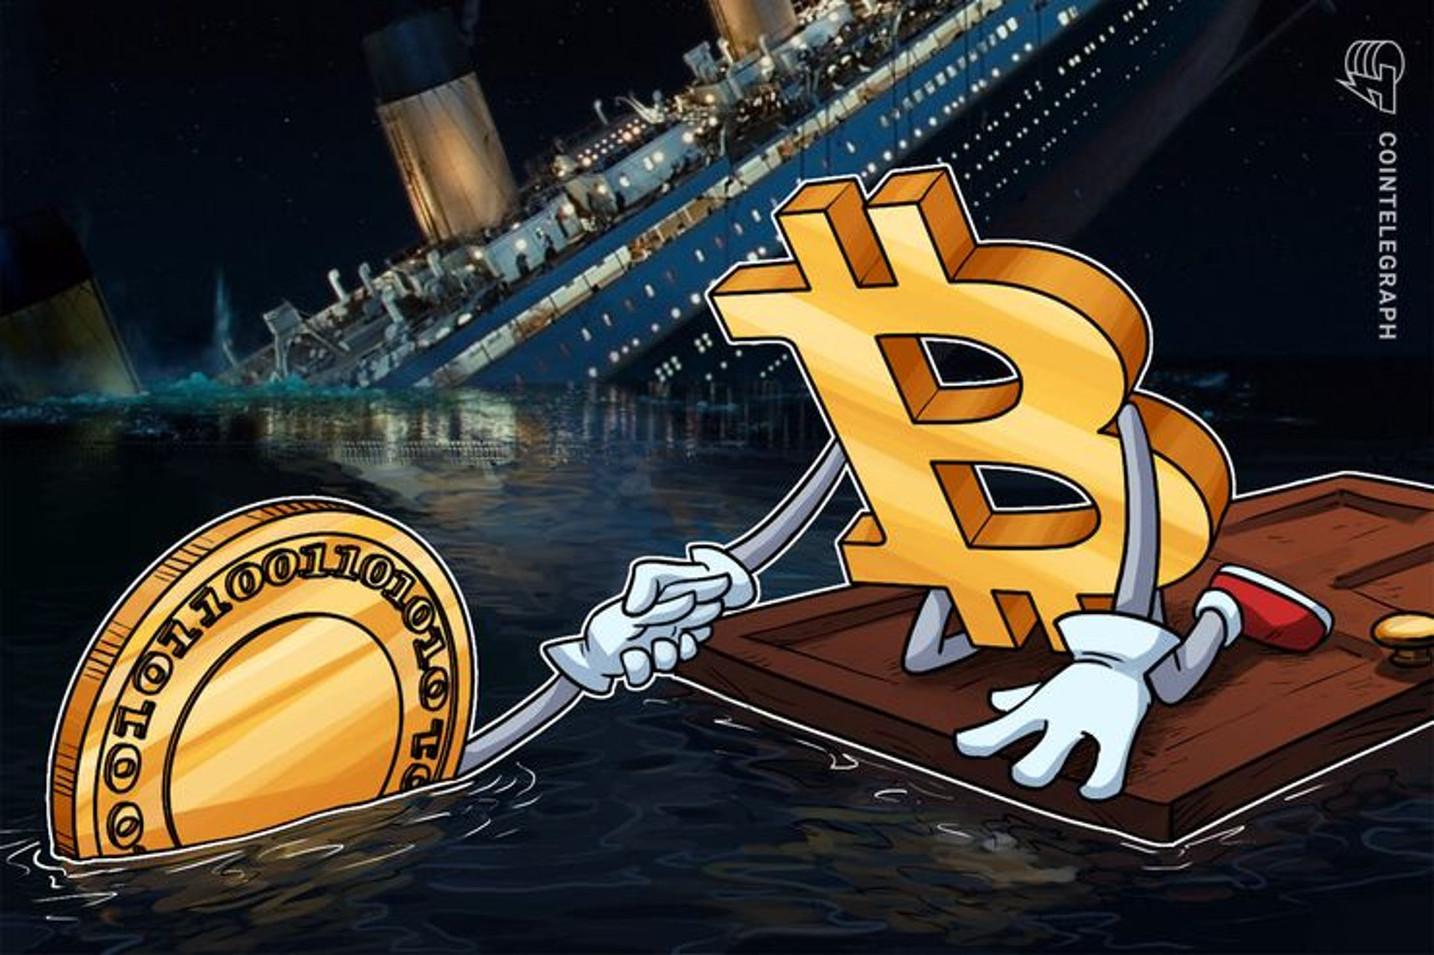 ビットコイン支持者がアルトコインと敵対するべきでない理由、米仮想通貨投資会社CIOが熱弁